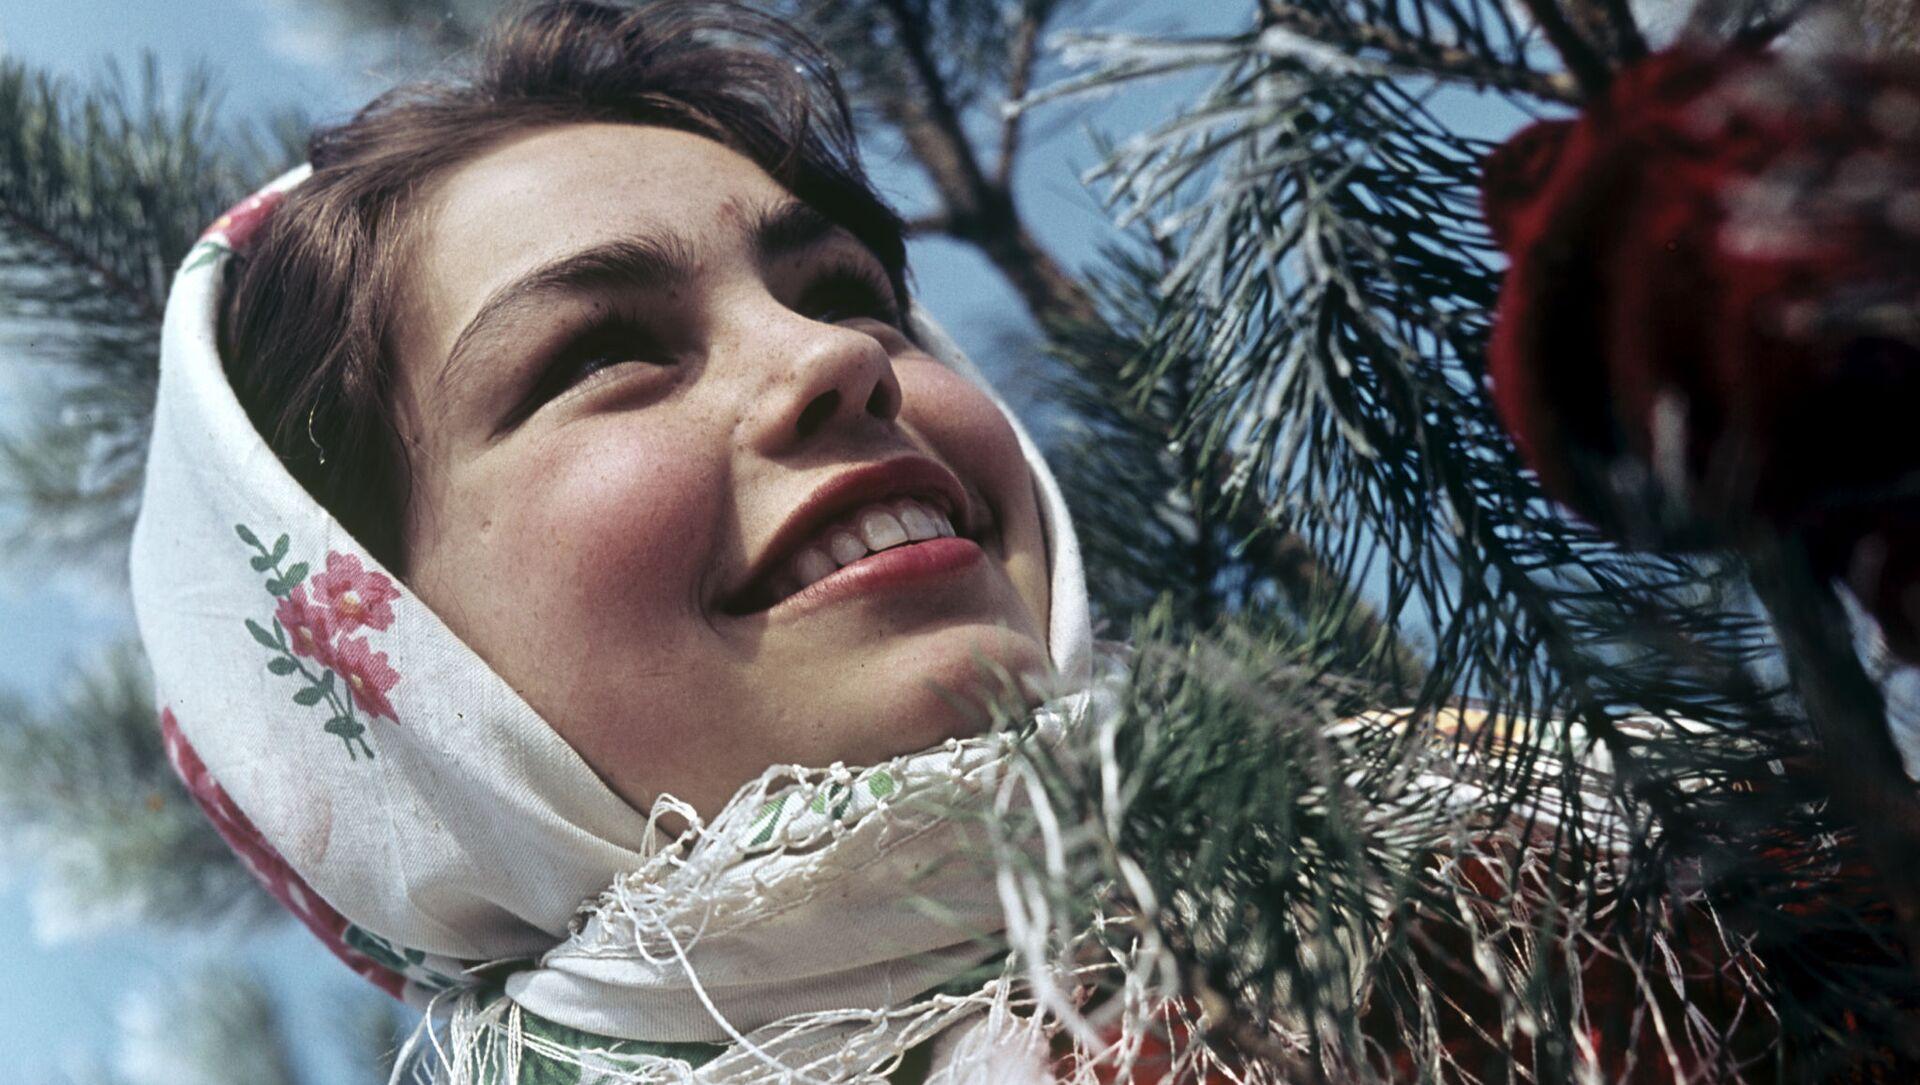 Cô gái Nga trong chiếc khăn trùm đầu - Sputnik Việt Nam, 1920, 26.09.2021